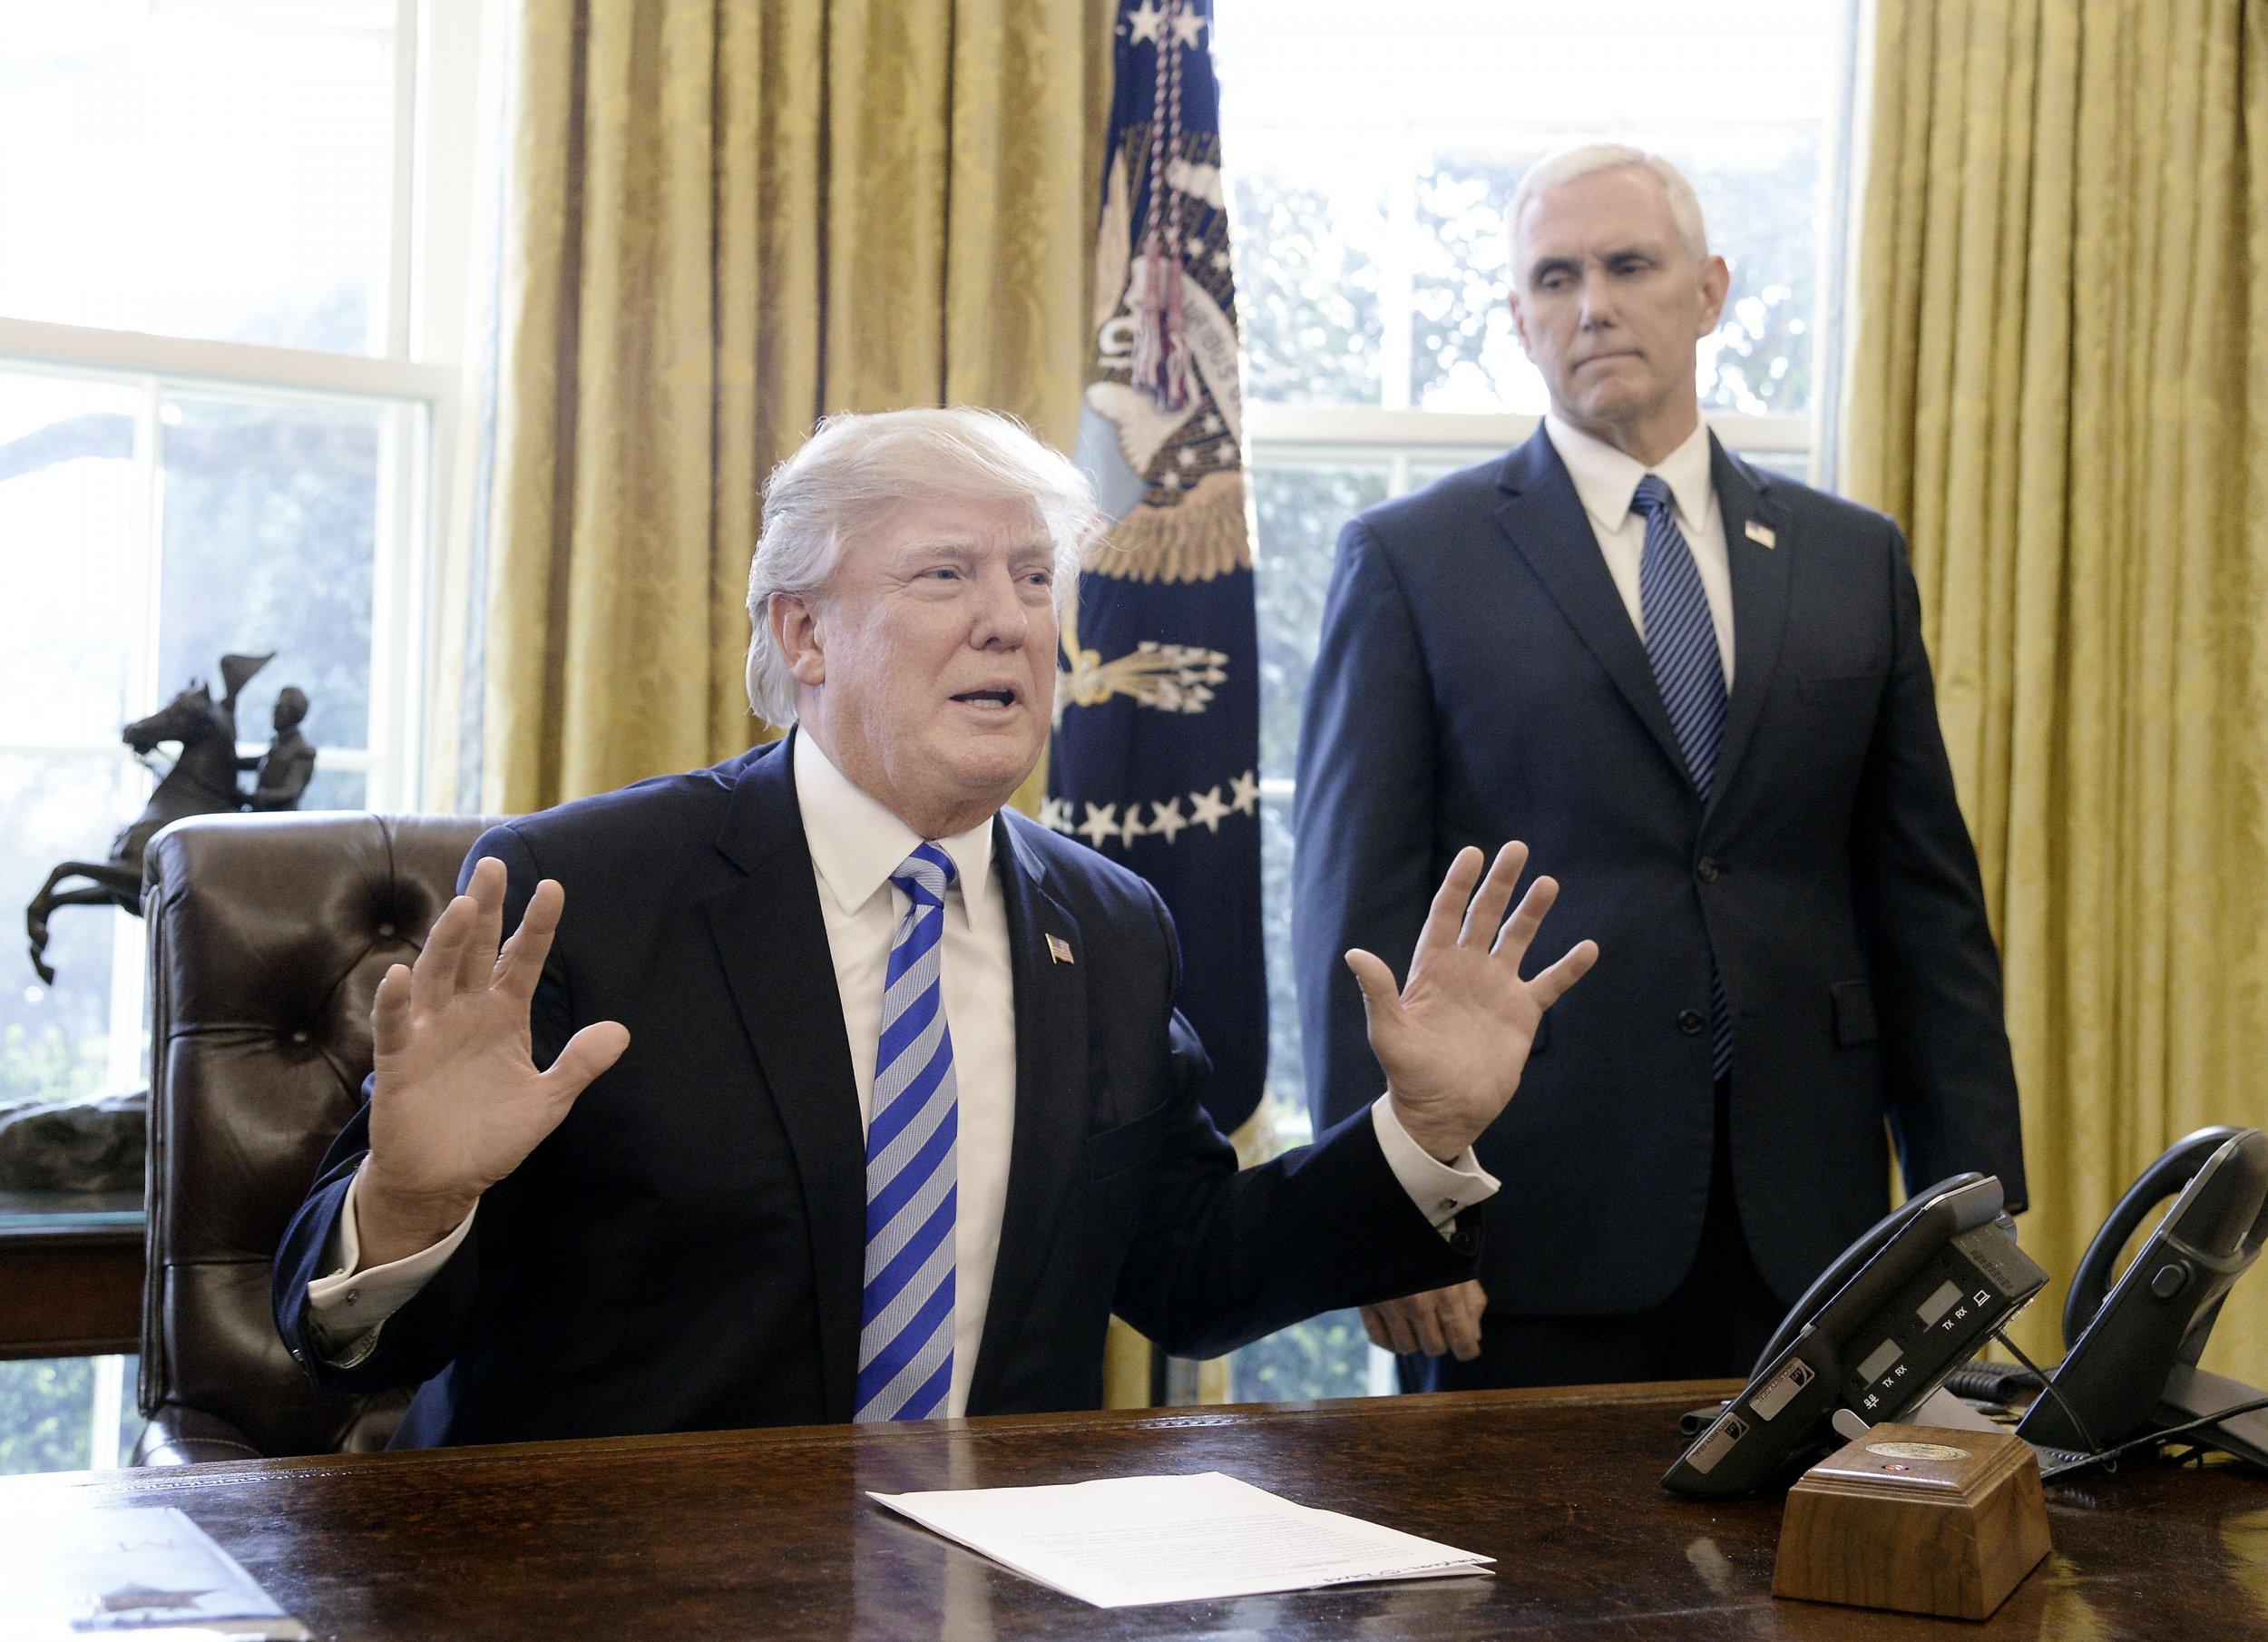 03_27_Trump_Lies_01